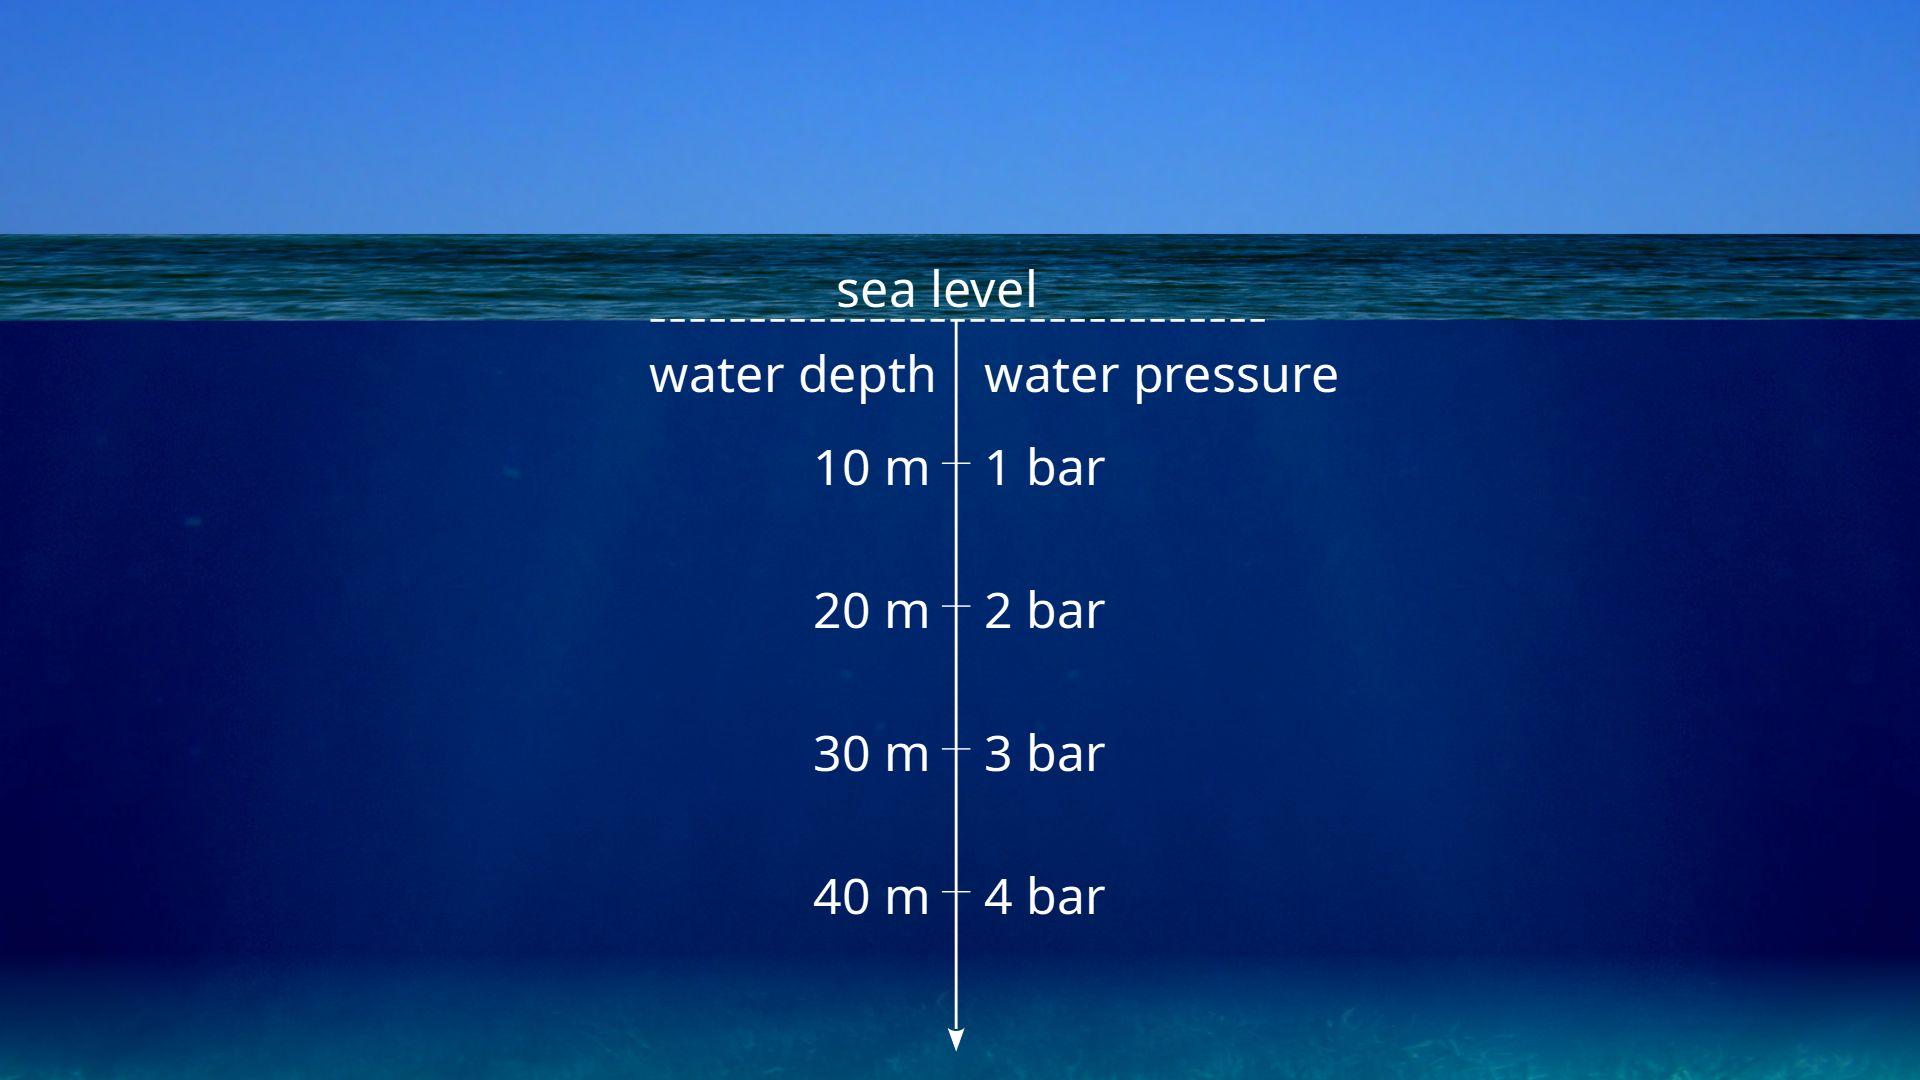 Water pressure as a function of water depth below sea level